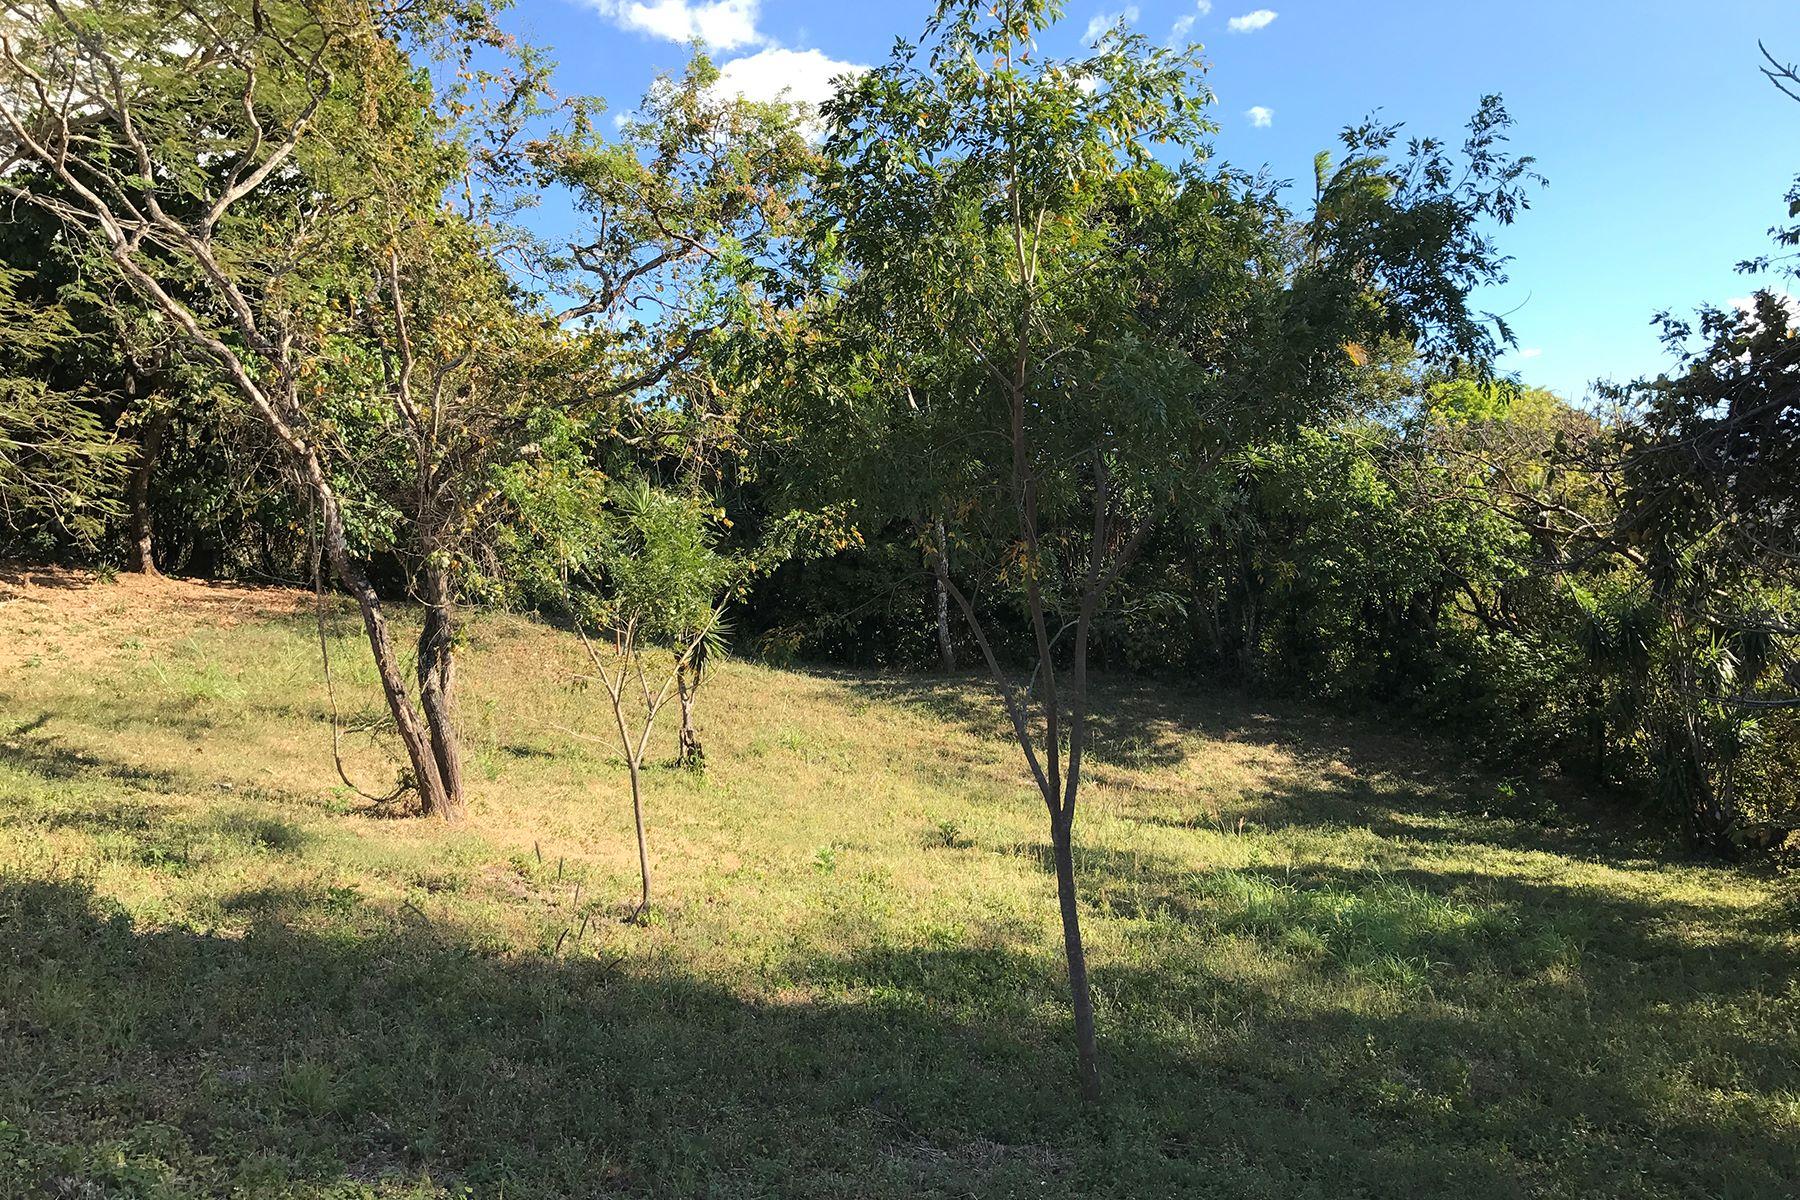 Land for Sale at Lote Brasil de Mora Santa Ana, San Jose, Costa Rica